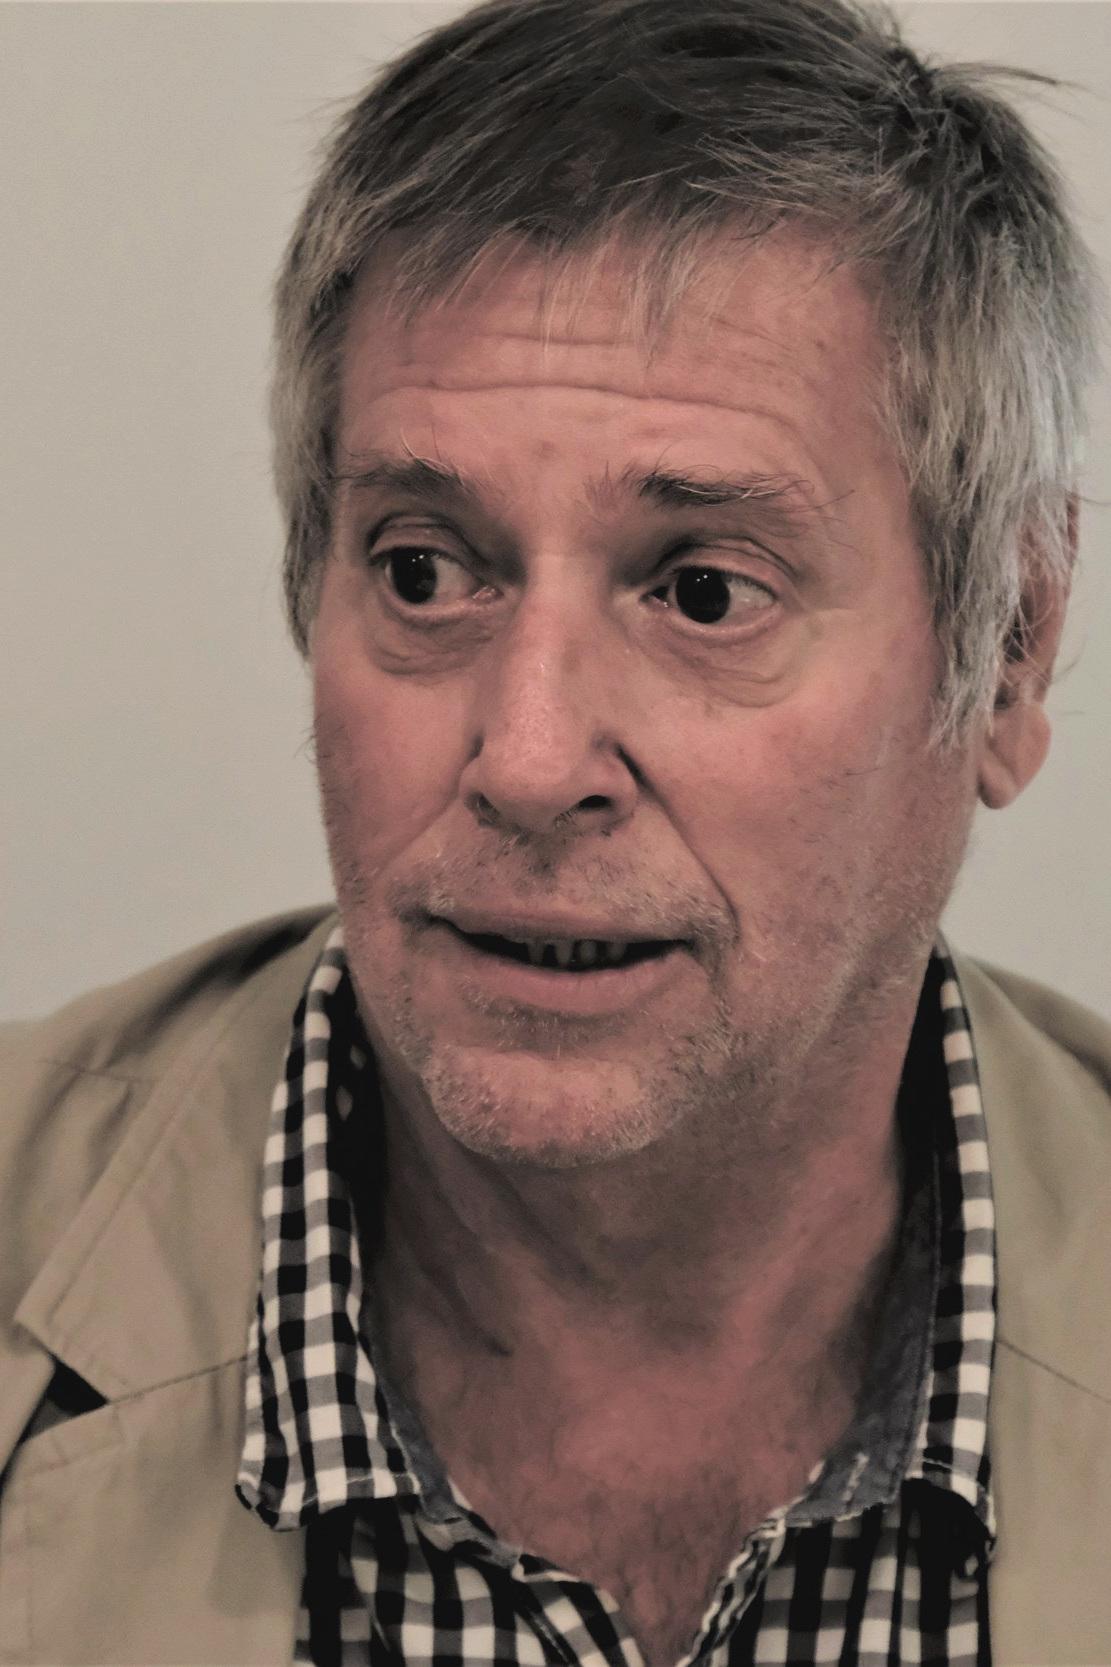 Robert Duverger - Collaborateur, conseiller